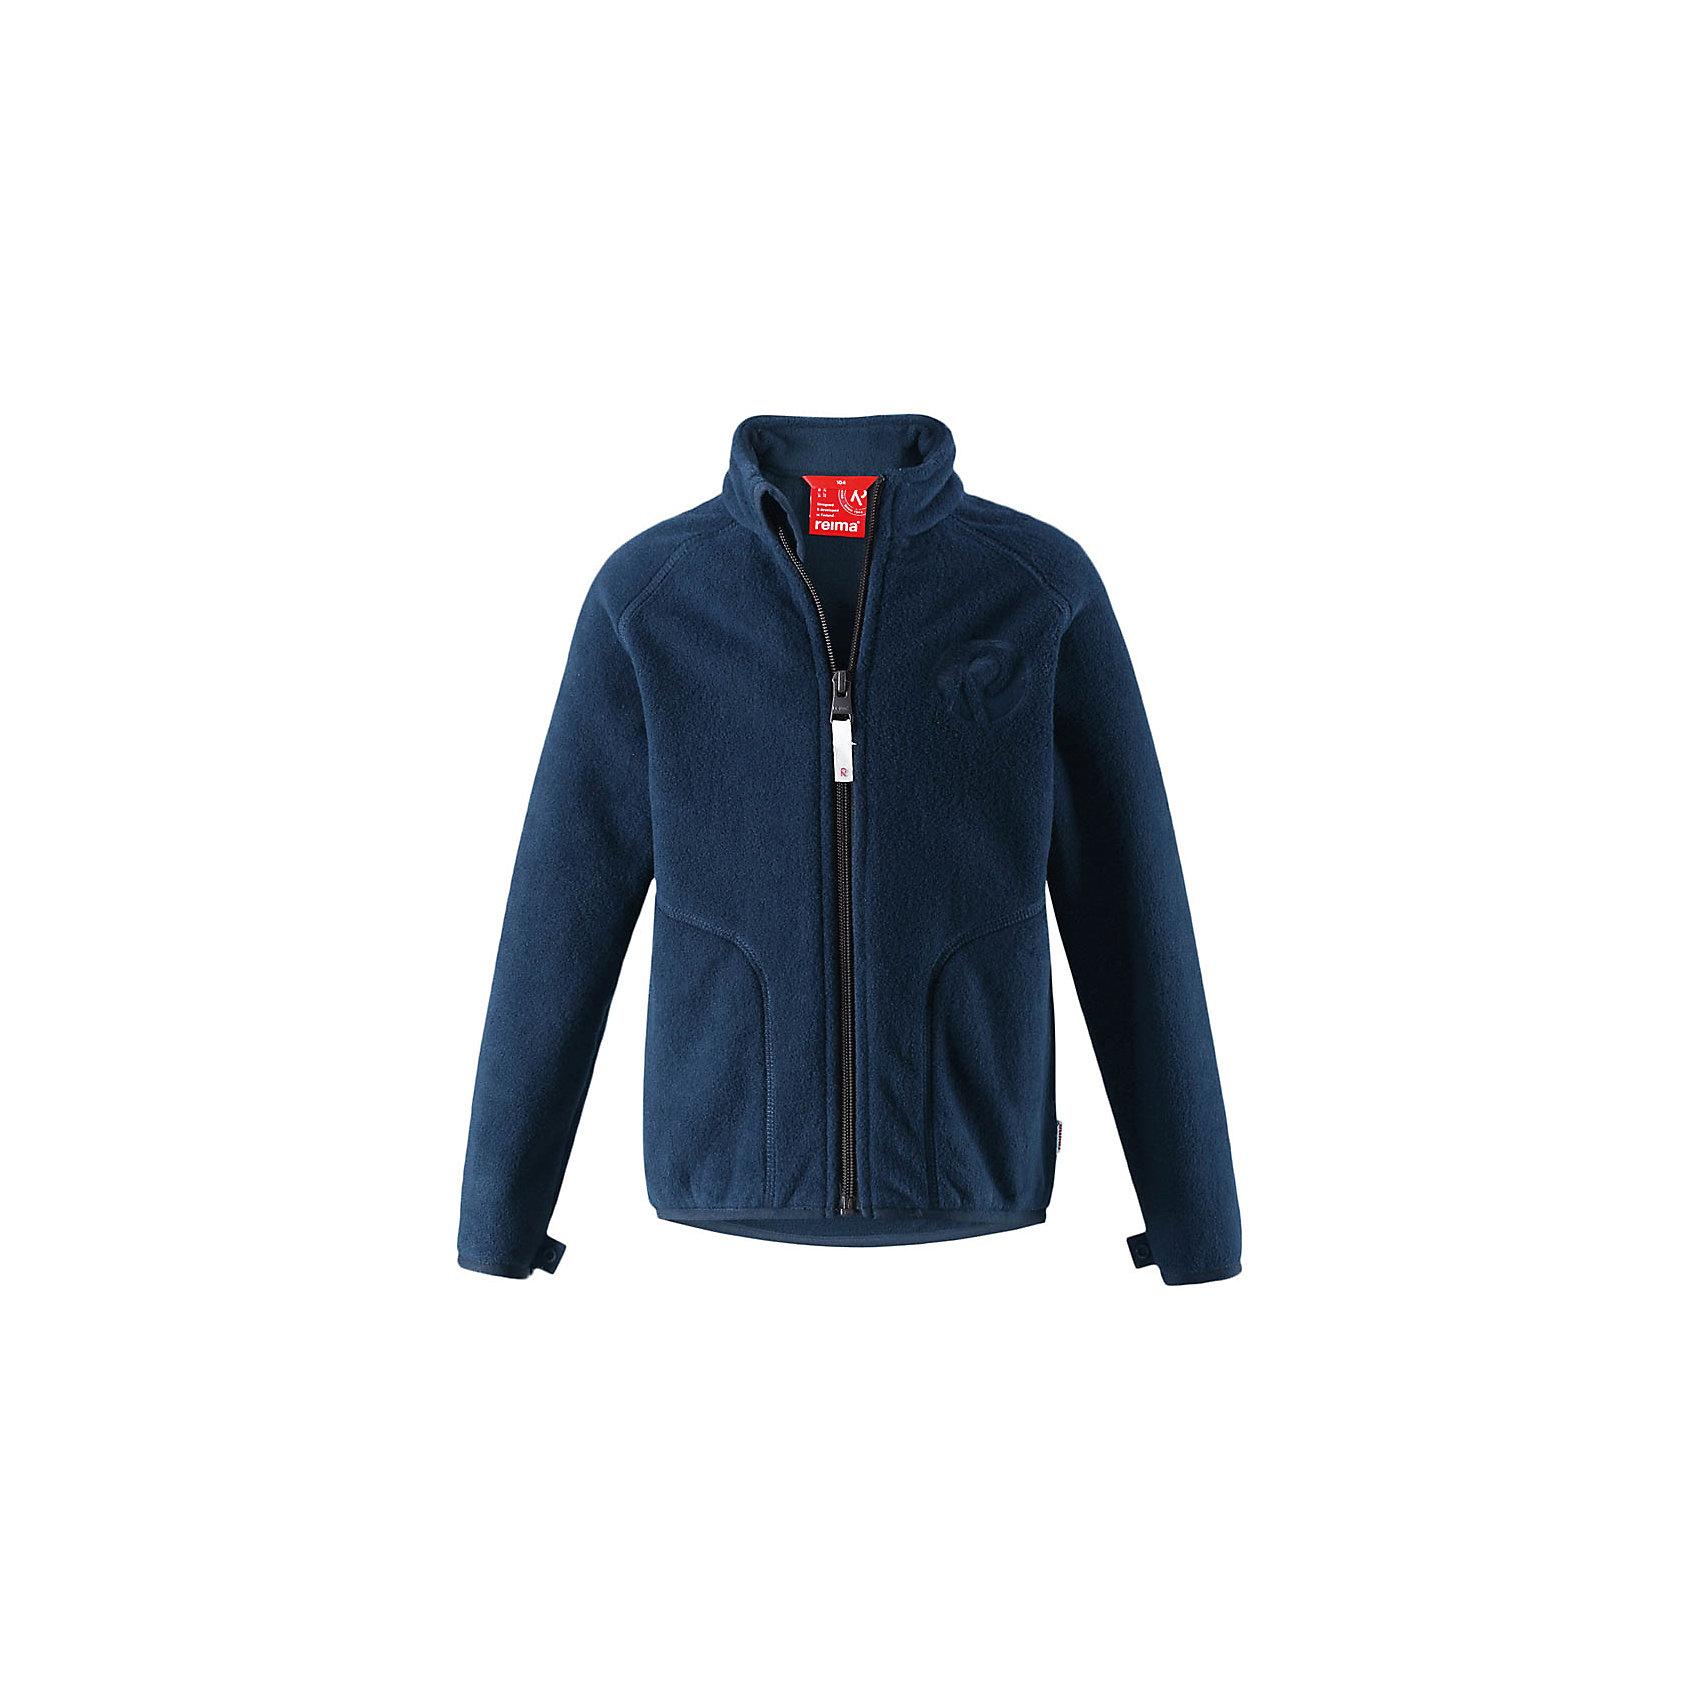 Флисовая кофта Reima InrunФлис и термобелье<br>Характеристики товара:<br><br>• цвет: темно-синий;<br>• состав: 100% полиэстер, флис;<br>• быстро сохнет и сохраняет тепло;<br>• выводит влагу в верхние слои одежды;<br>• может пристегиваться к верхней одежде Reima® кнопками Play Layers®;<br>• эластичные манжеты и подол;<br>• молния по всей длине с защитой подбородка;<br>• два боковых кармана;<br>• страна бренда: Финляндия;<br>• страна производства: Китай.<br><br>Флисовая кофта на молнии превосходно послужит в качестве промежуточного слоя в морозные зимние дни – она теплая и очень мягкая на ощупь. Куртка изготовлена из легкого полярного флиса, дышащего и быстросохнущего материала. Молния во всю длину облегчает надевание, а защита для подбородка не дает поцарапать молнией шею и подбородок. <br><br>Эту практичную флисовую куртку легко можно пристегнуть к любой верхней одежде Reima®, оснащенной системой кнопок Play Layers®. Два боковых кармана и украшение в виде красивого сплошного рисунка. <br><br>Флисовую кофту Reima Inrun можно купить в нашем интернет-магазине.<br><br>Ширина мм: 190<br>Глубина мм: 74<br>Высота мм: 229<br>Вес г: 236<br>Цвет: синий<br>Возраст от месяцев: 18<br>Возраст до месяцев: 24<br>Пол: Унисекс<br>Возраст: Детский<br>Размер: 92,140,98,104,110,116,122,128,134<br>SKU: 6901873